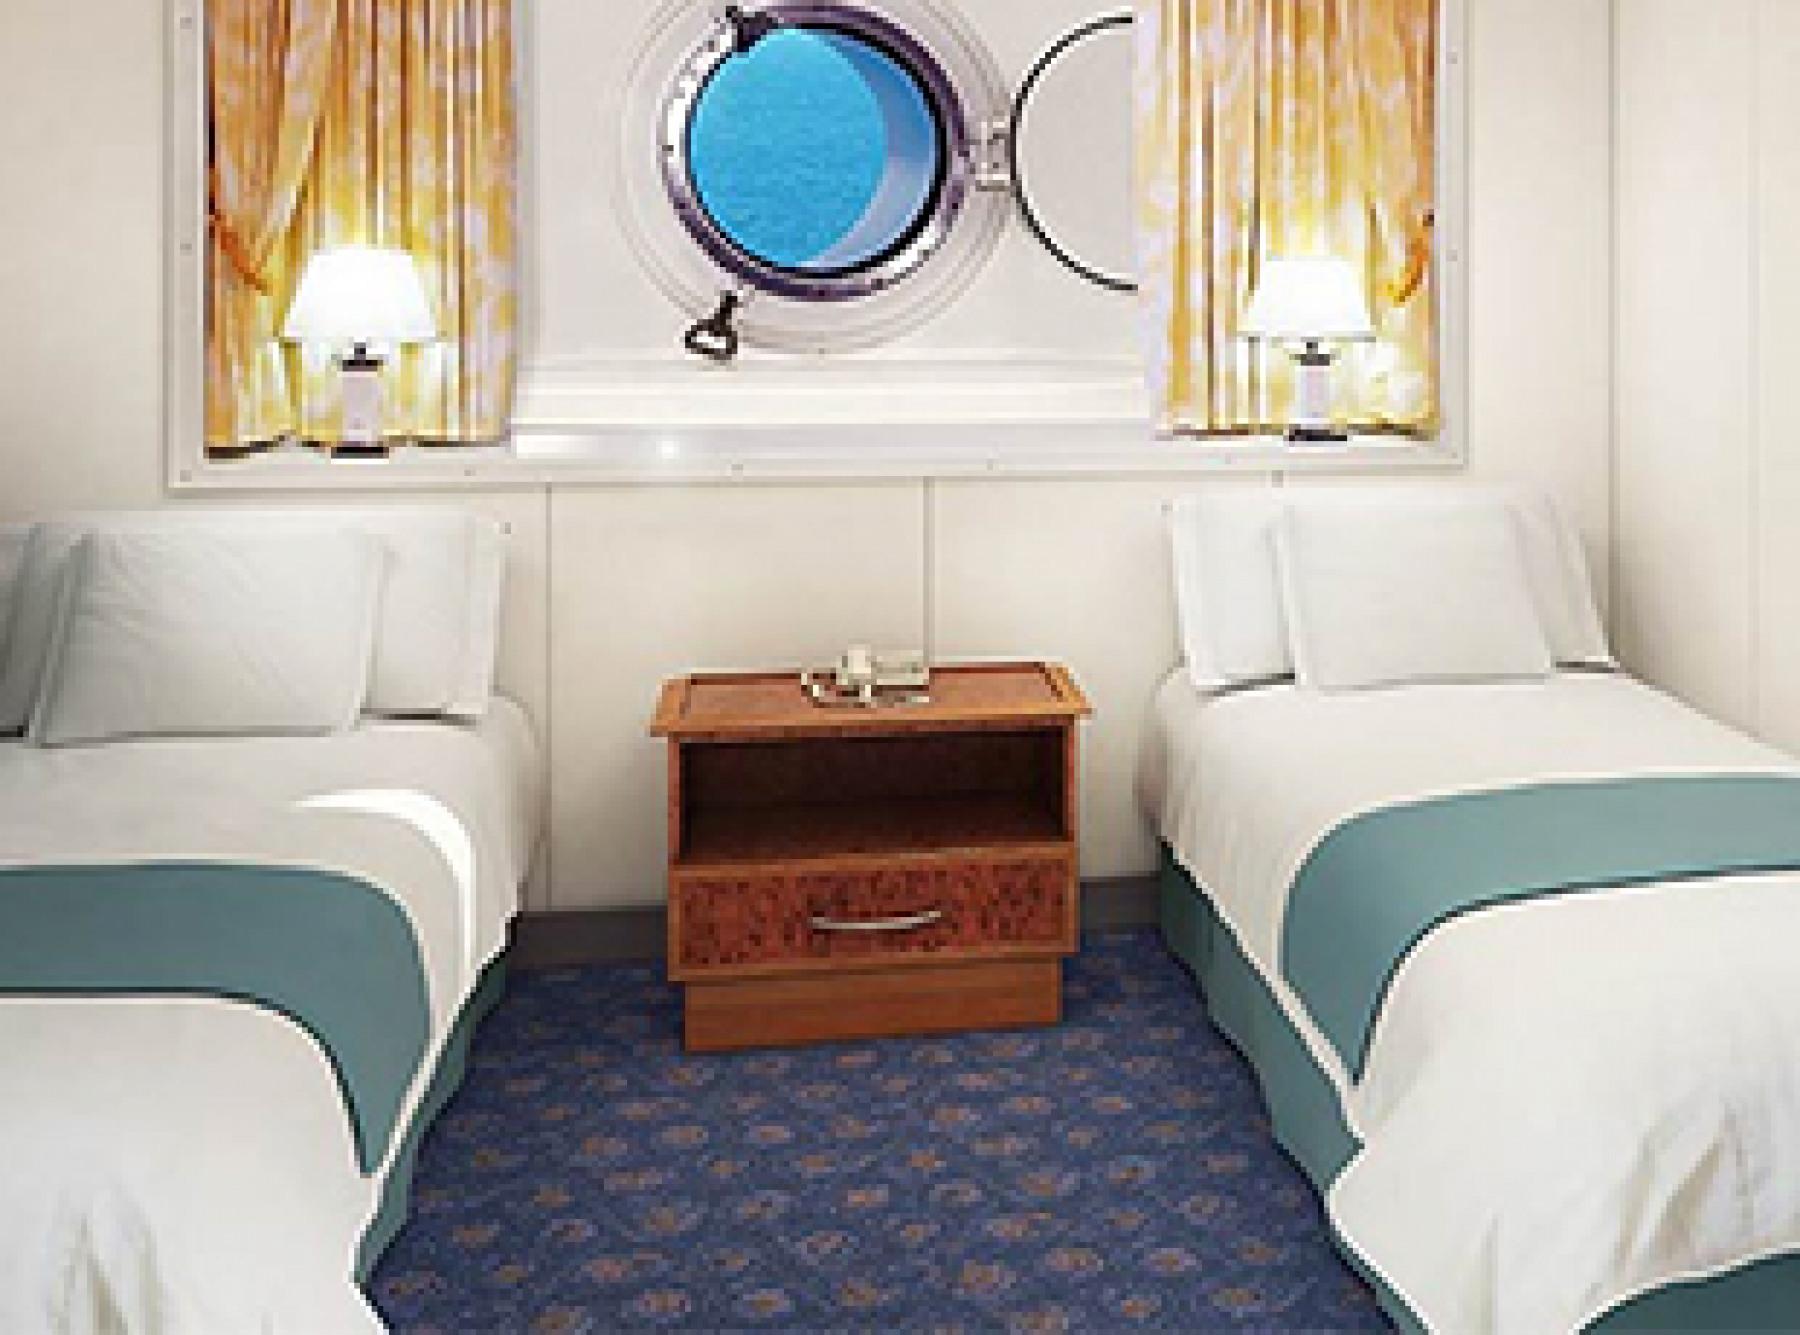 Norwegian Cruise Line Norwegian Spirit Accommodation Oceanview Porthole.jpg